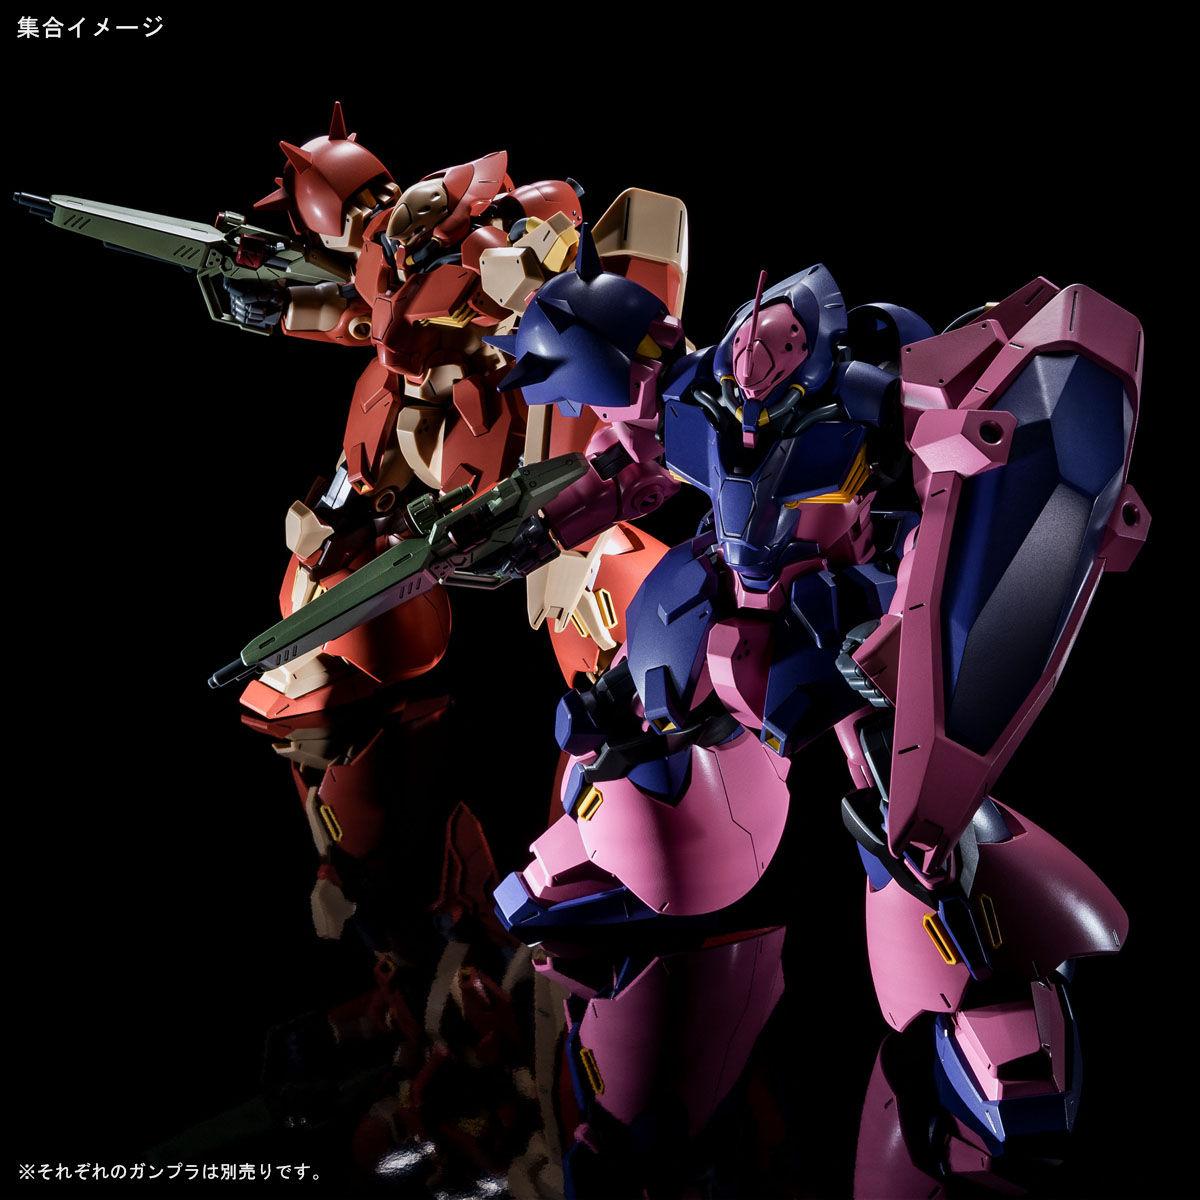 【限定販売】HG 1/144『メッサーF02型』機動戦士ガンダム 閃光のハサウェイ プラモデル-008